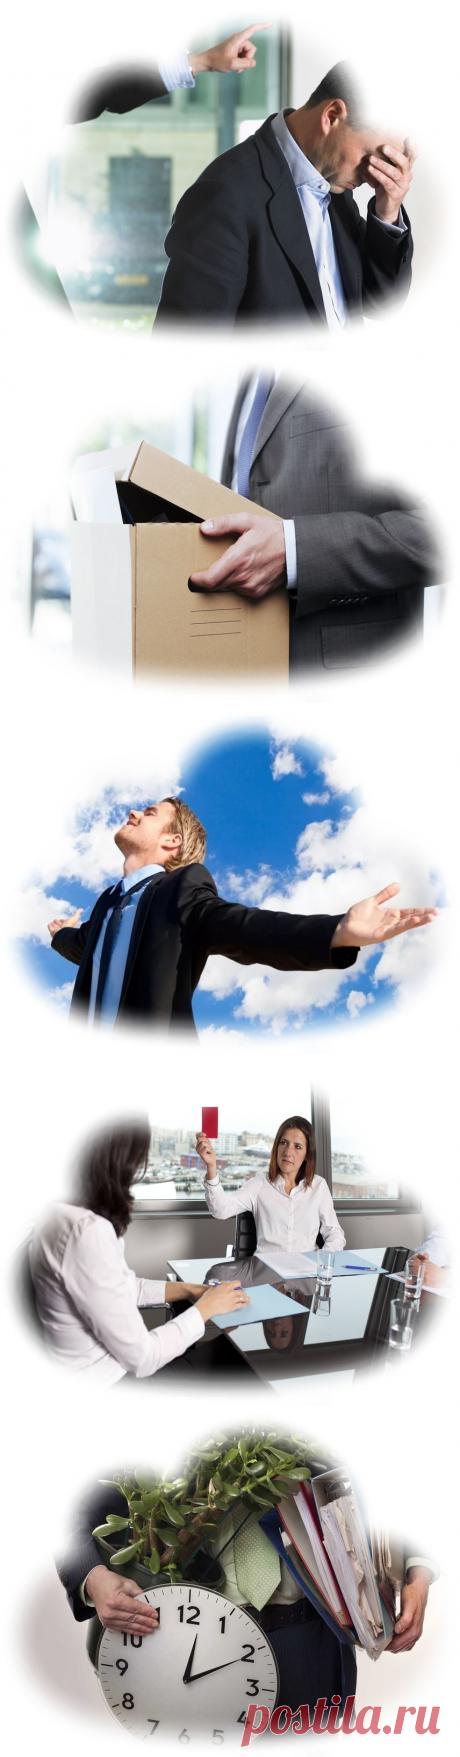 Как растолковать, к чему снится увольнение с работы? Сонник — К чему снится Увольнение с Работы?